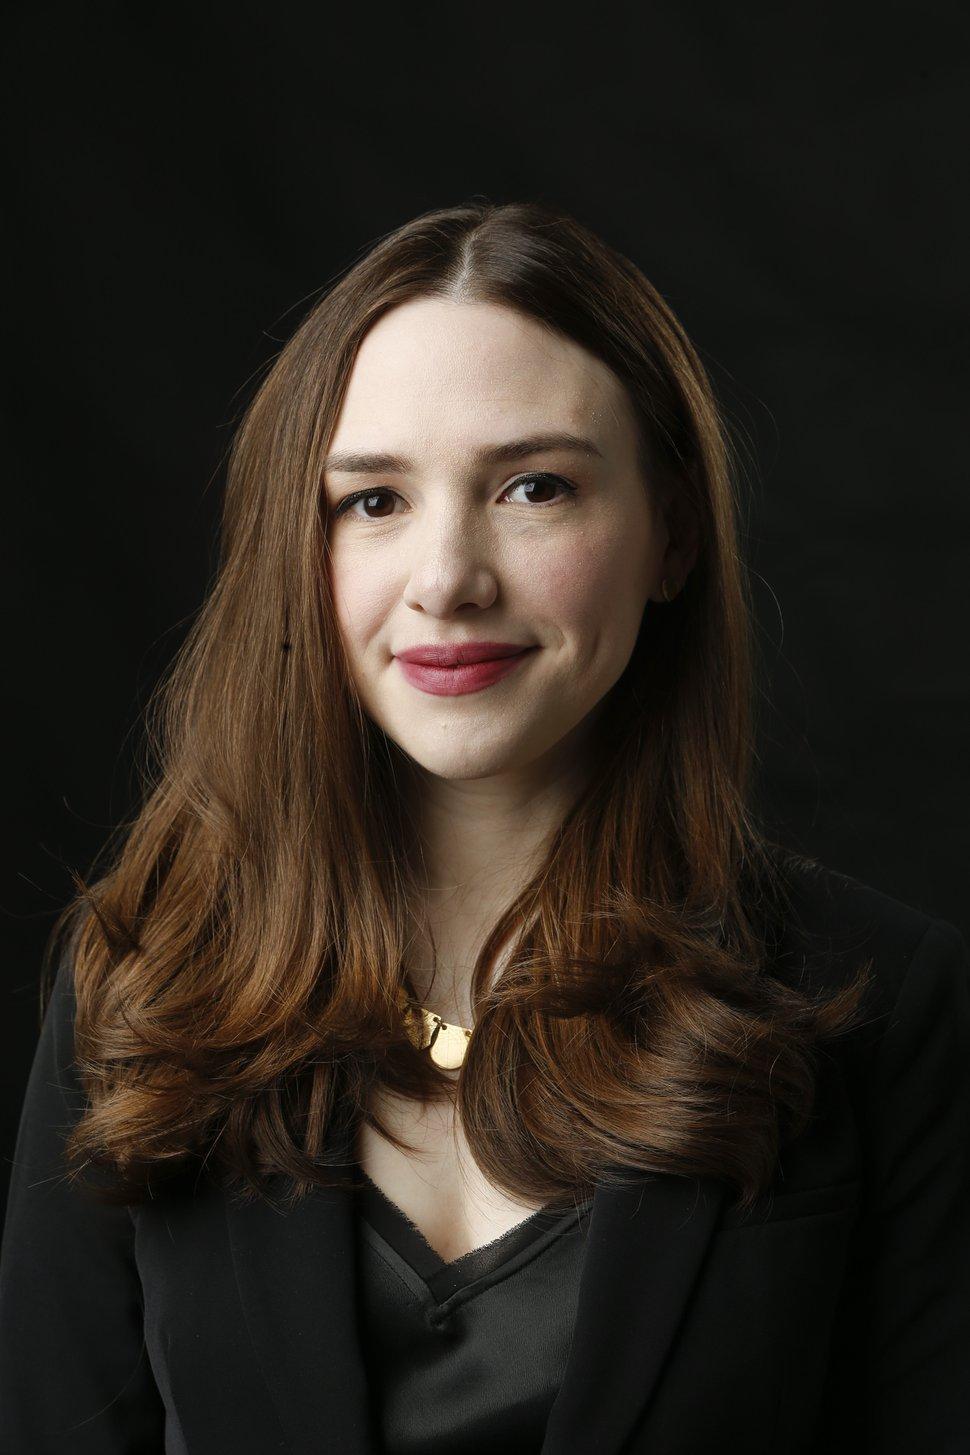 Elizabeth Bruenig